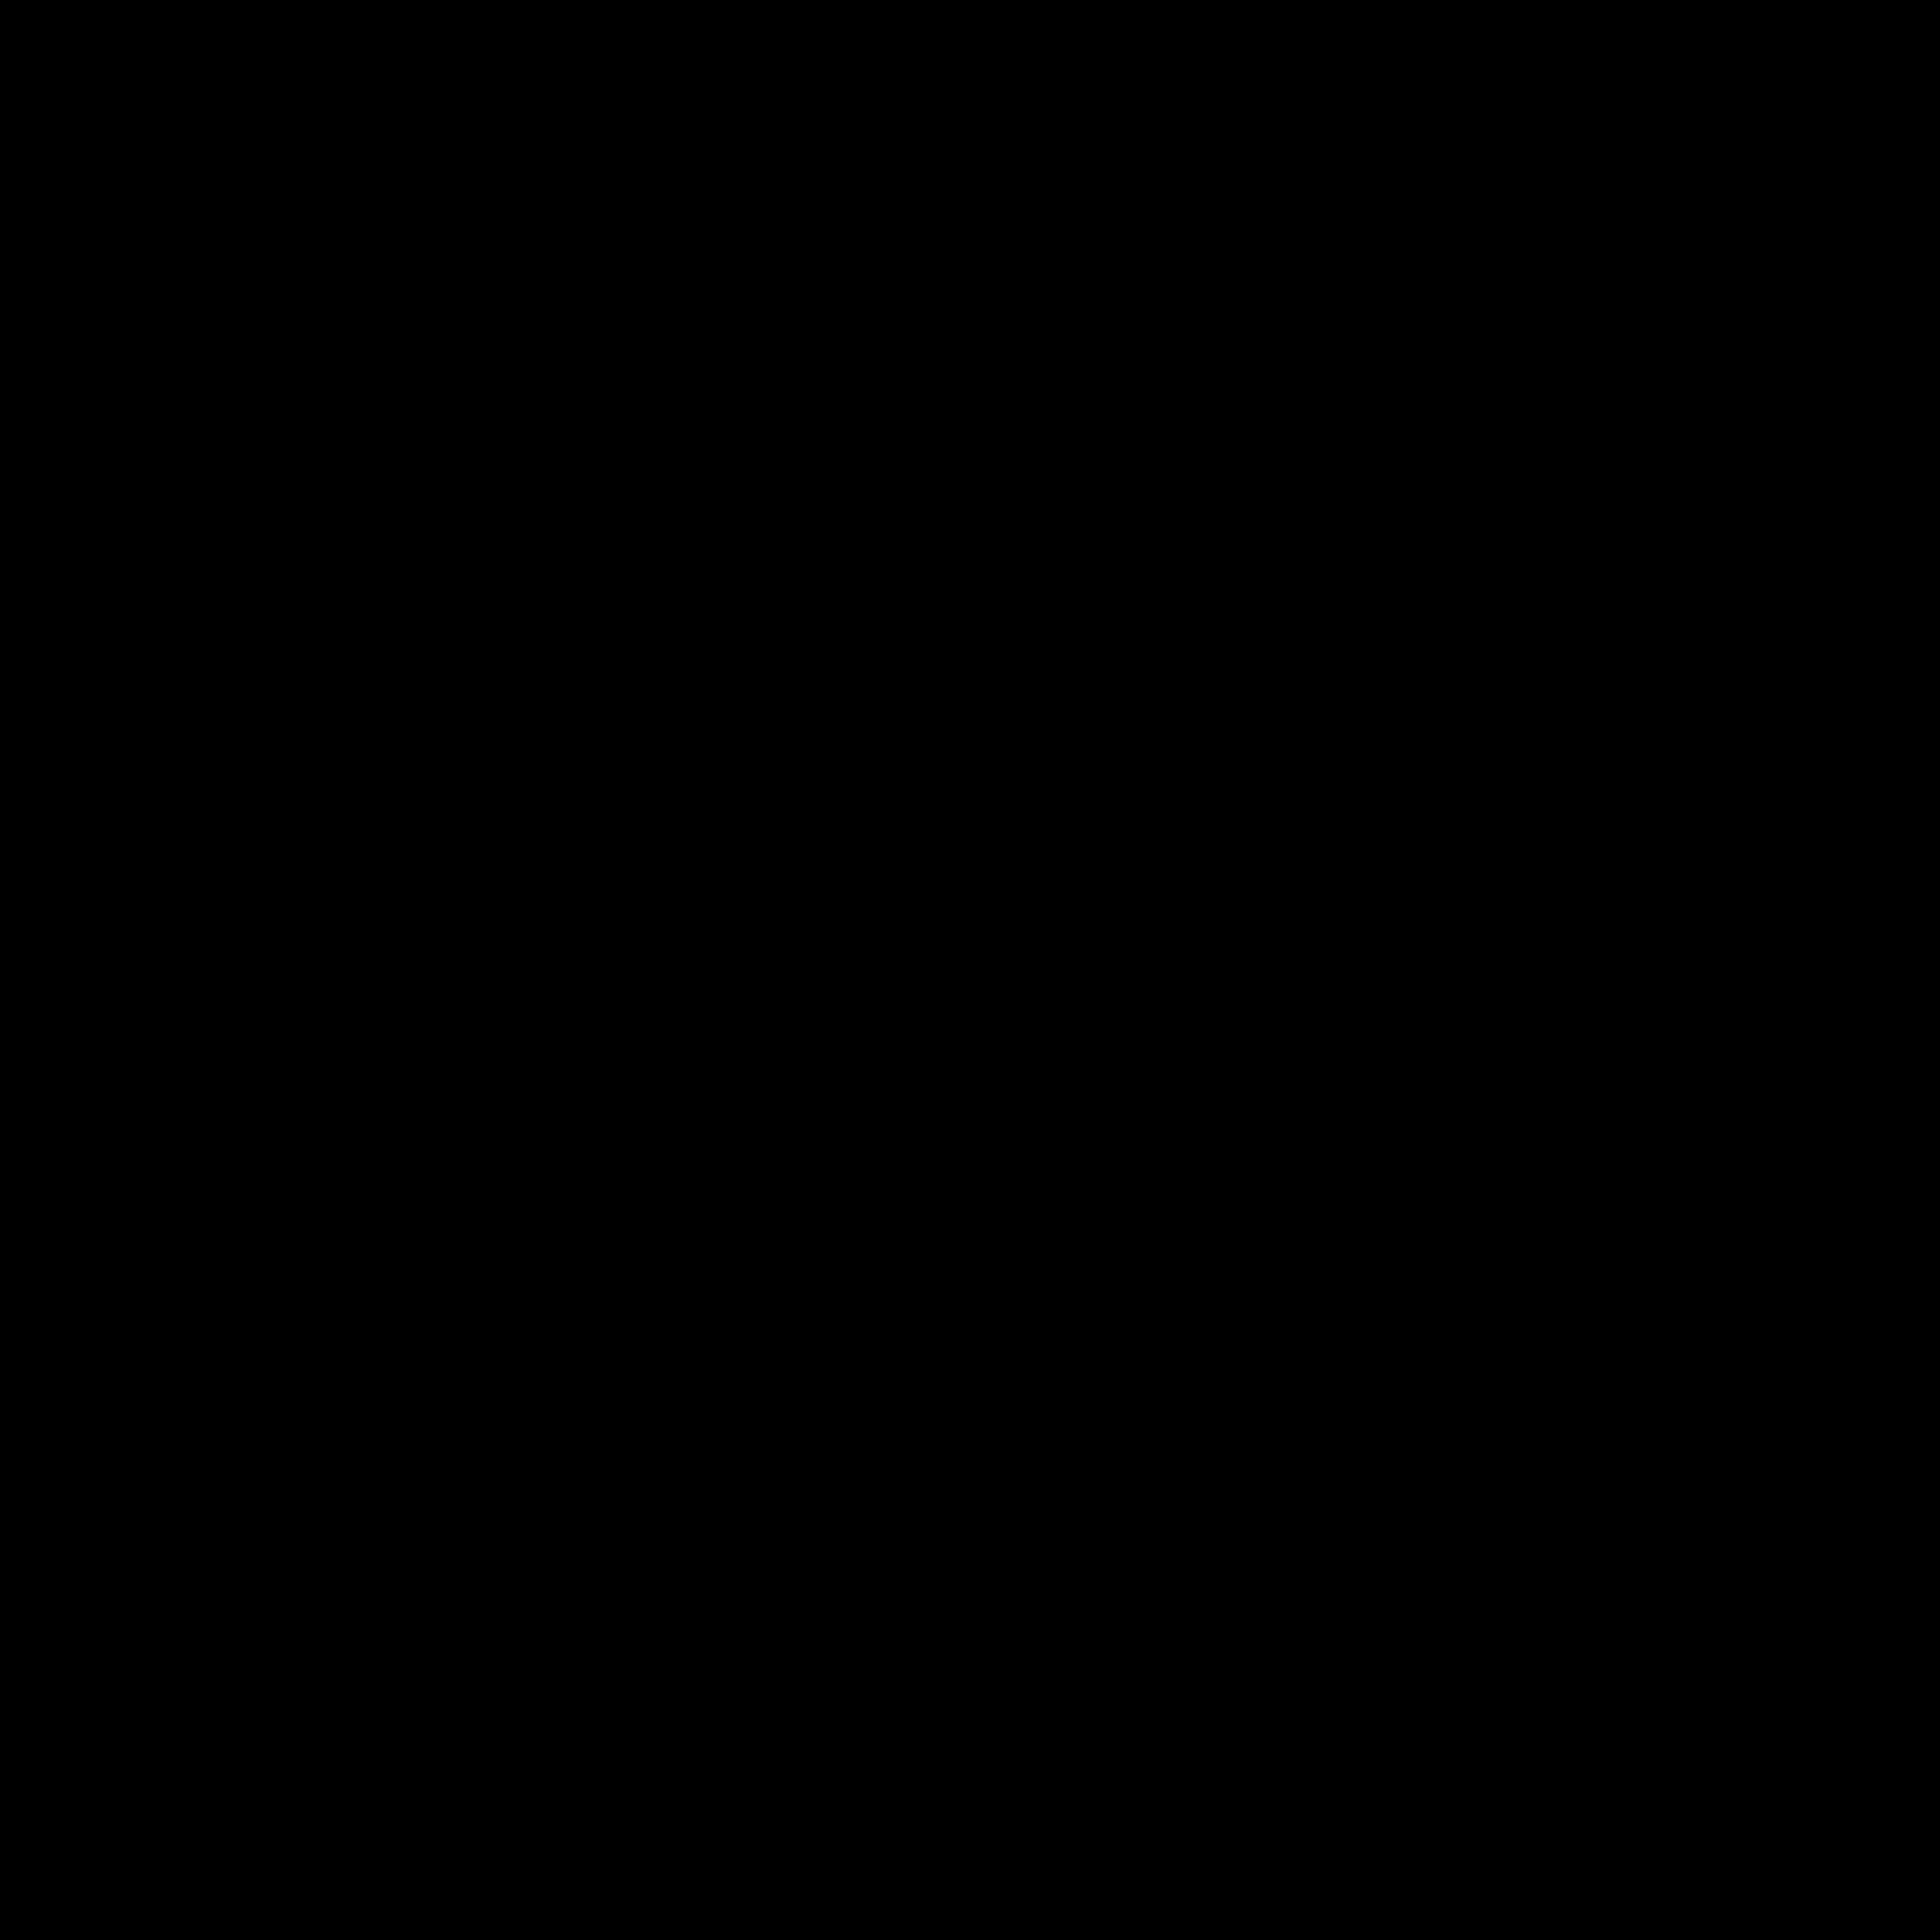 OzeanBuy